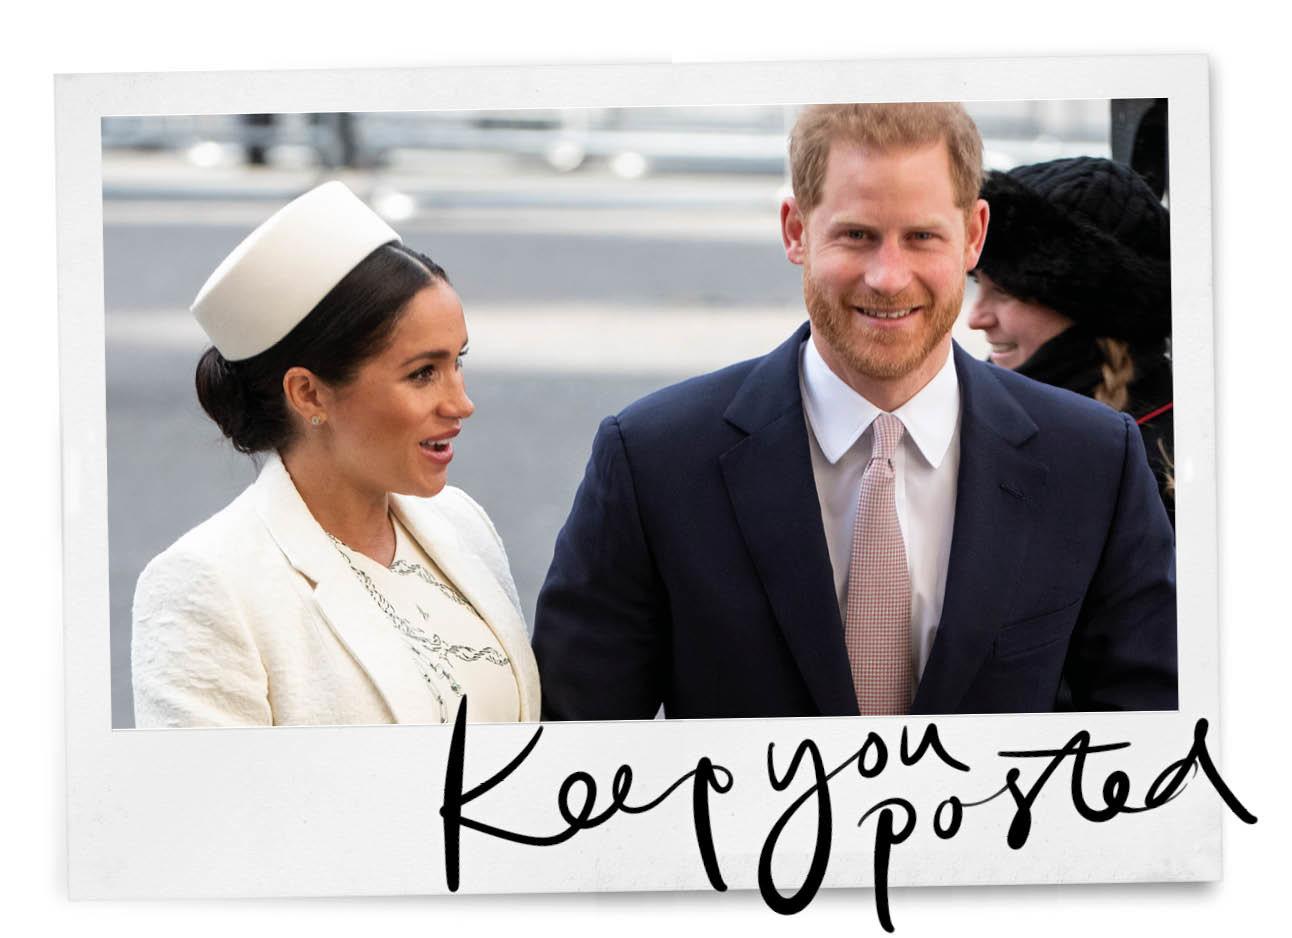 prins harry en meghan markle lopend over straat meghan met een wit hoedje op en harry in een donker blauw pak met een stropdas